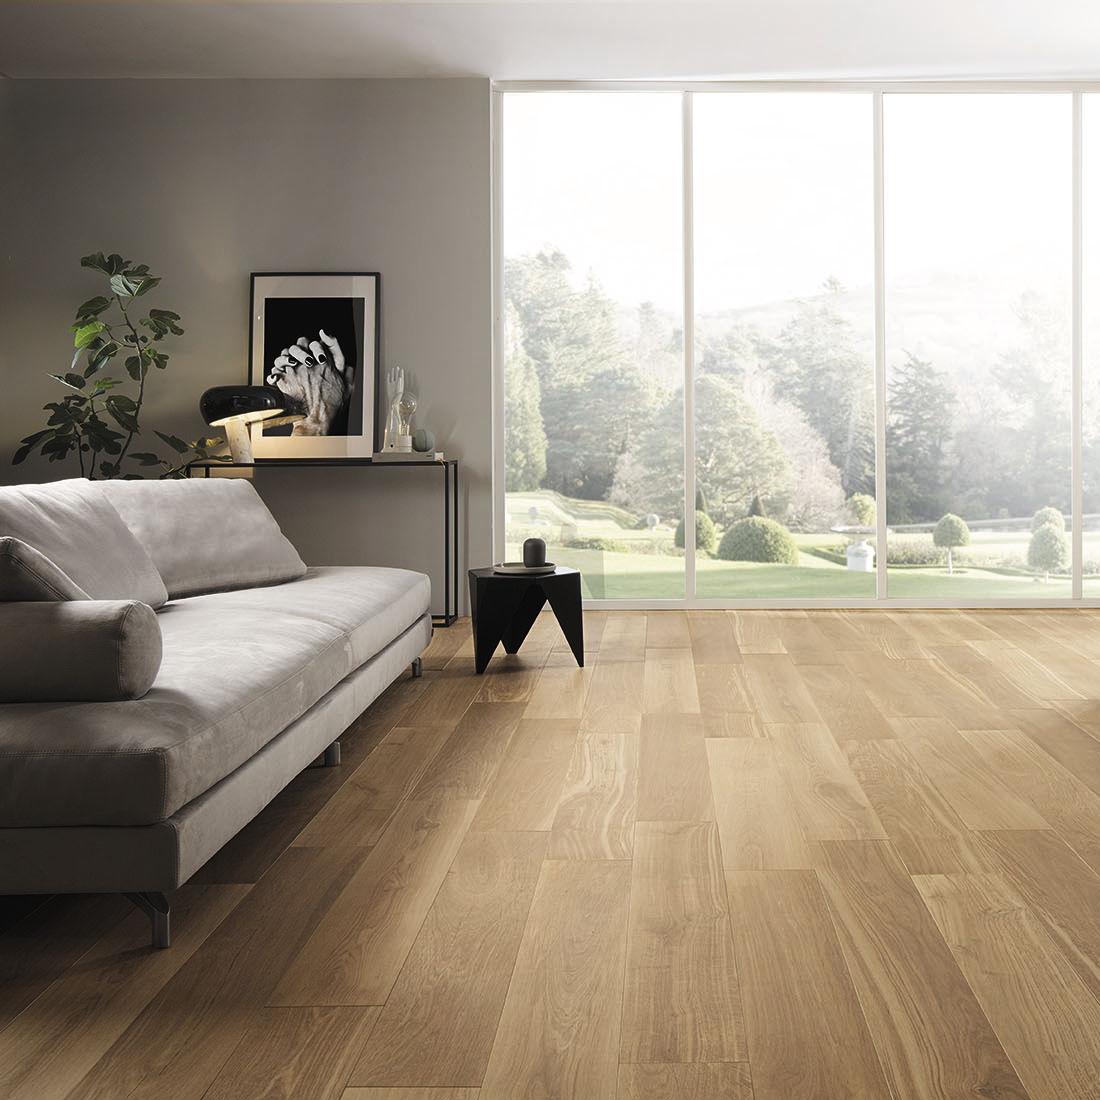 Roma Diamond Fap Ceramiche indoor tile - fapnest - fap ceramiche - outdoor / wall / floor